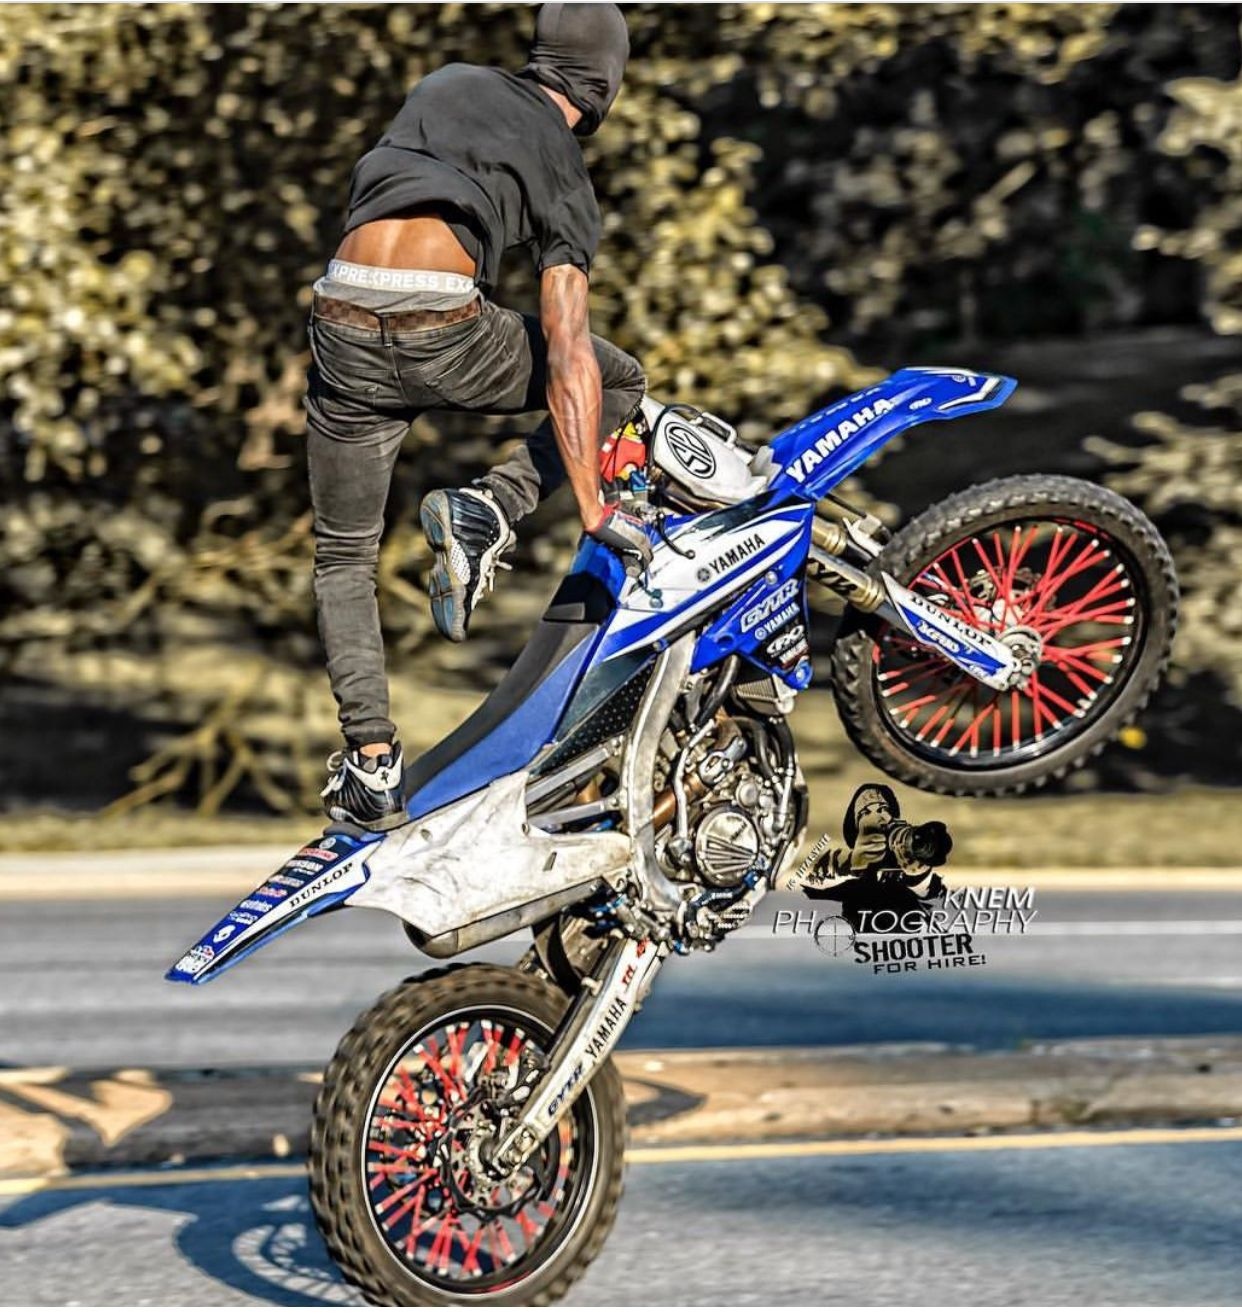 Pin By Superfly On That Bike Life Moto Bike Bike Life